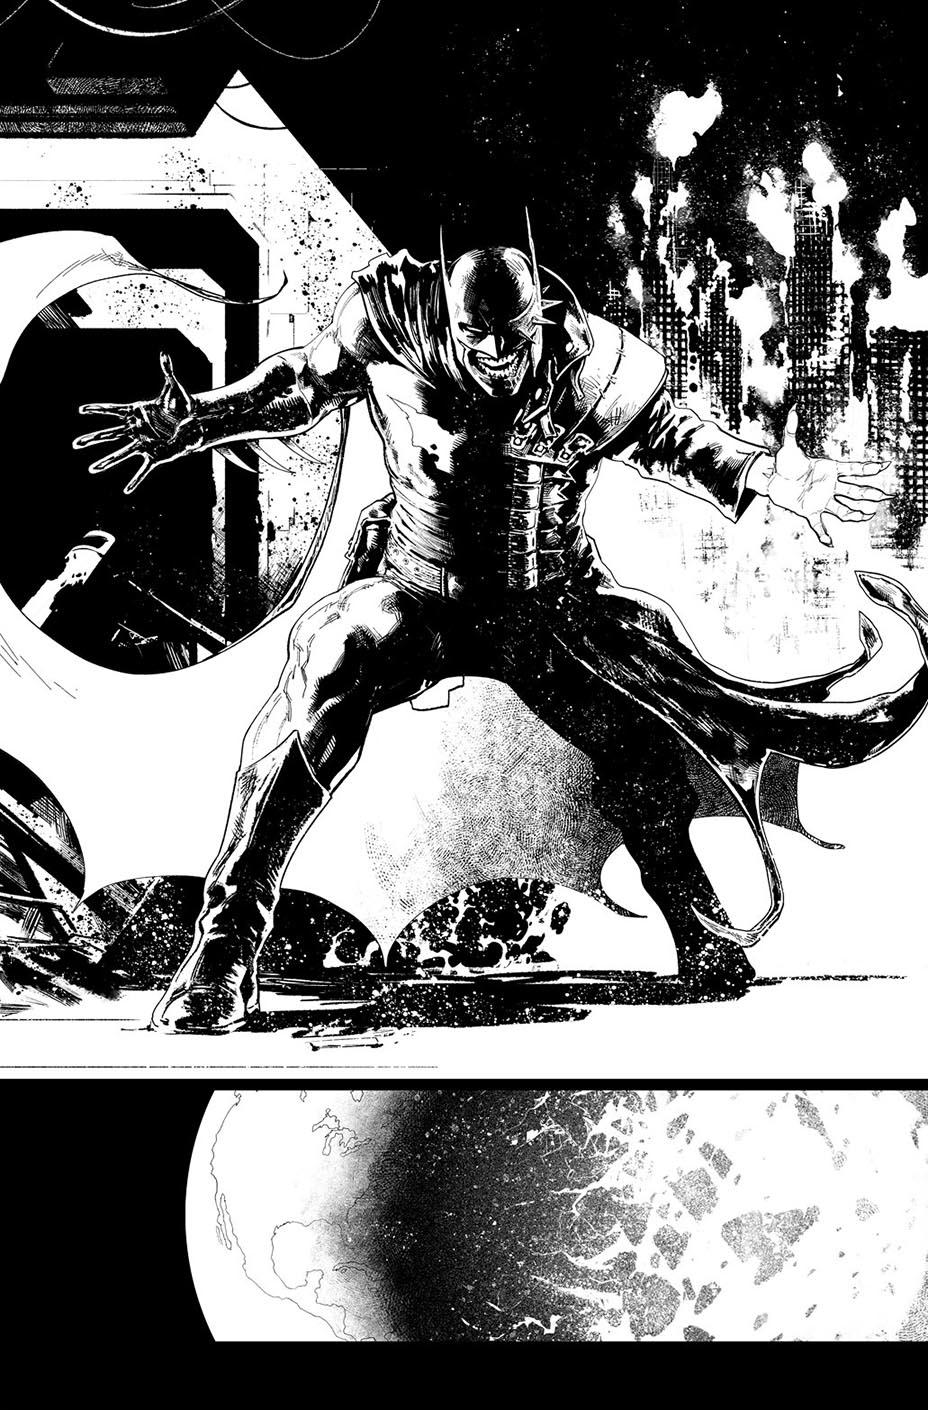 batman-superman_announcement-publicity-embed_1-_2019